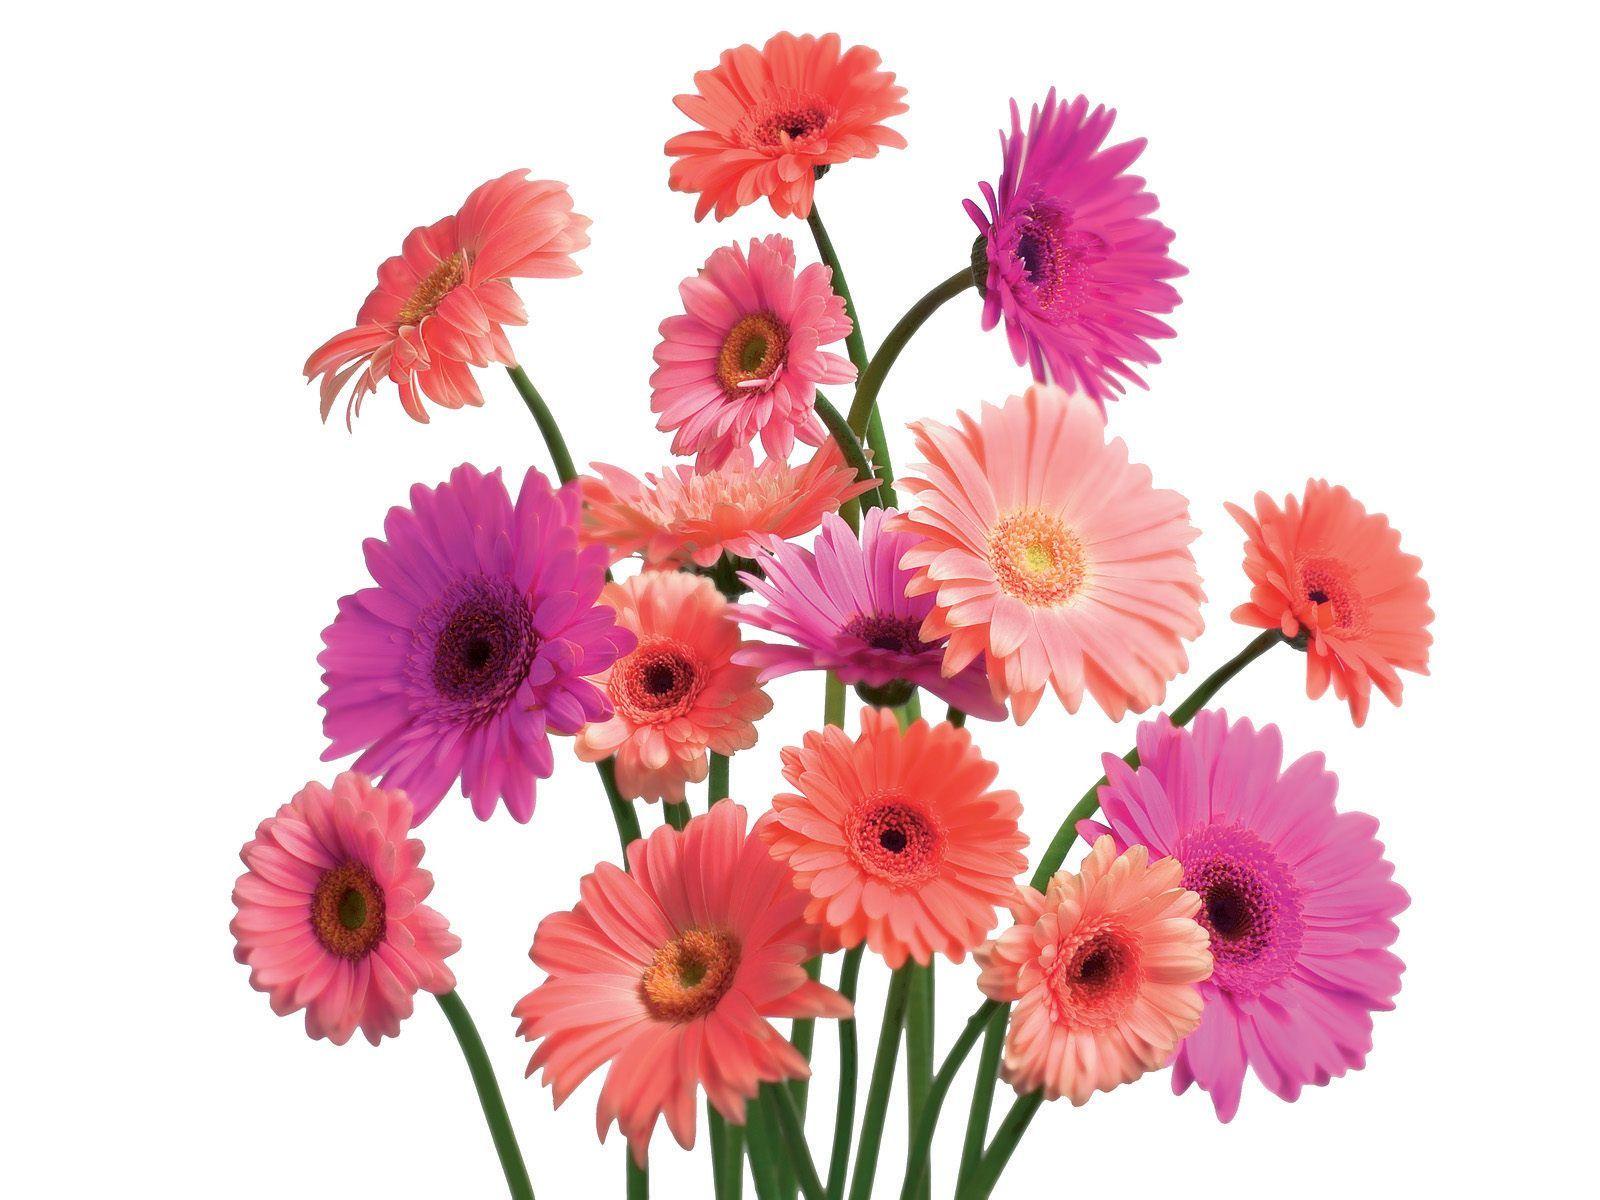 Gerbera Daisies Fav Flower Gerbera Daisy Gerbera Flower Flower Wallpaper